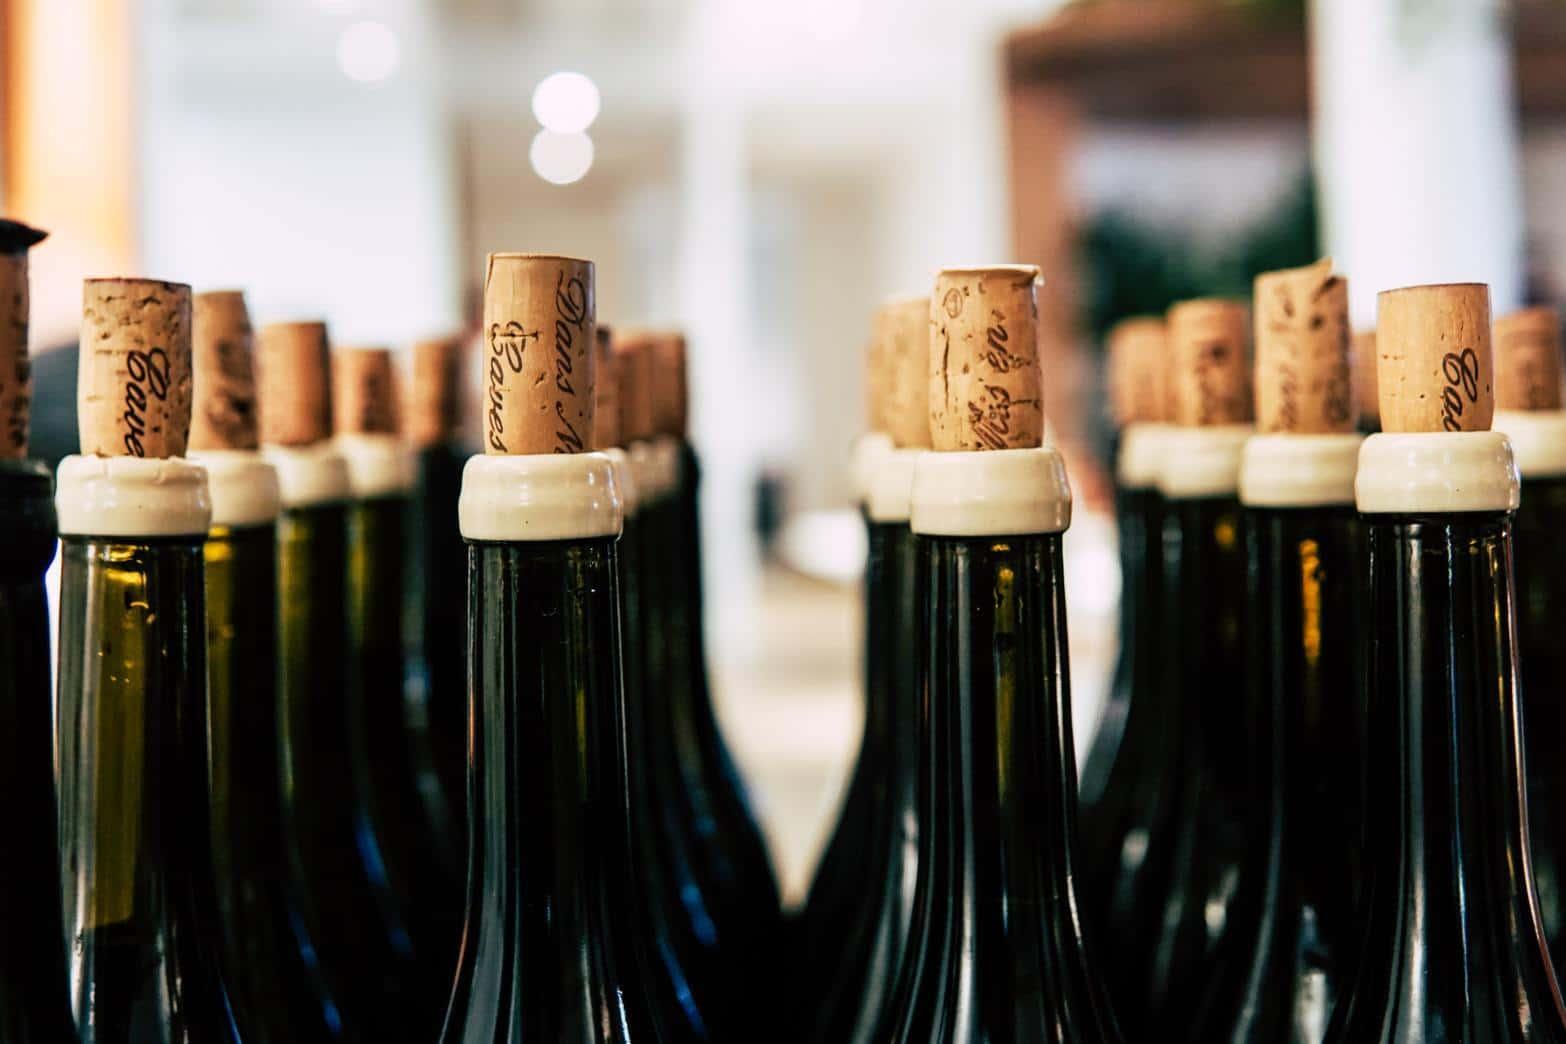 tailles des bouteilles, Comprendre la spécificité des différentes tailles des bouteilles